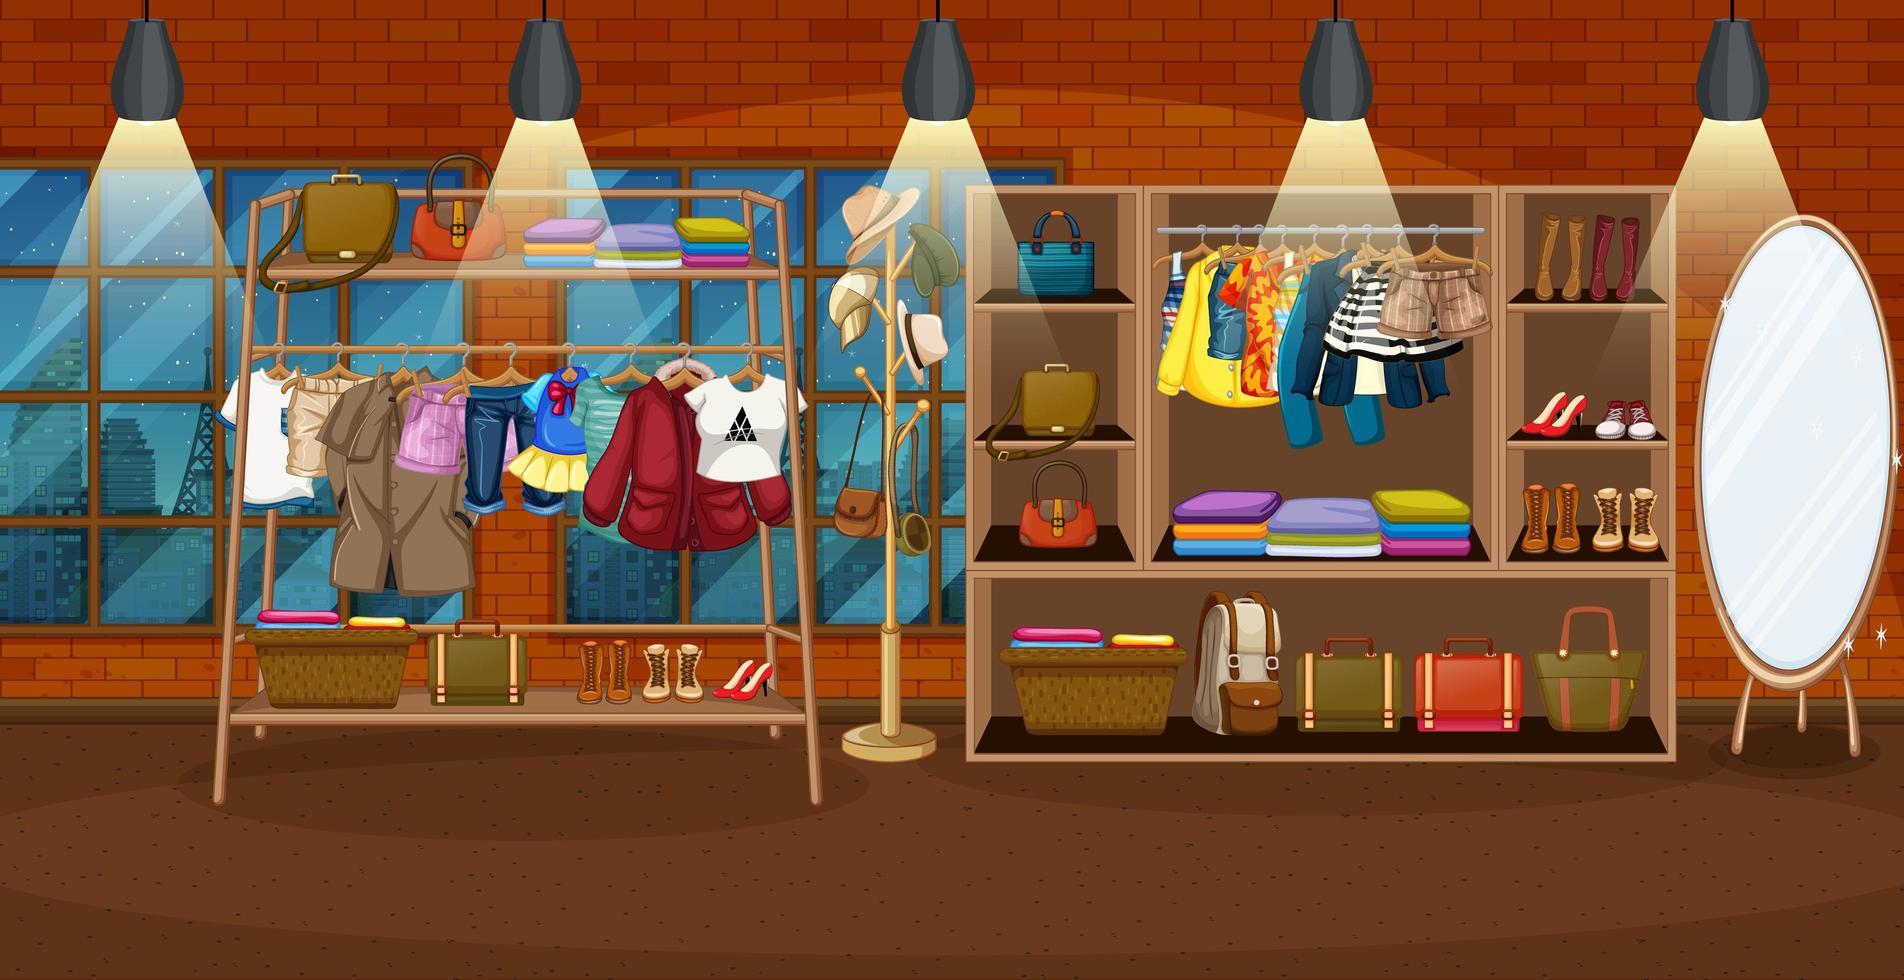 Kleidung hängt an einem Kleiderständer mit Zubehör in Regalen in der Raumszene vektor